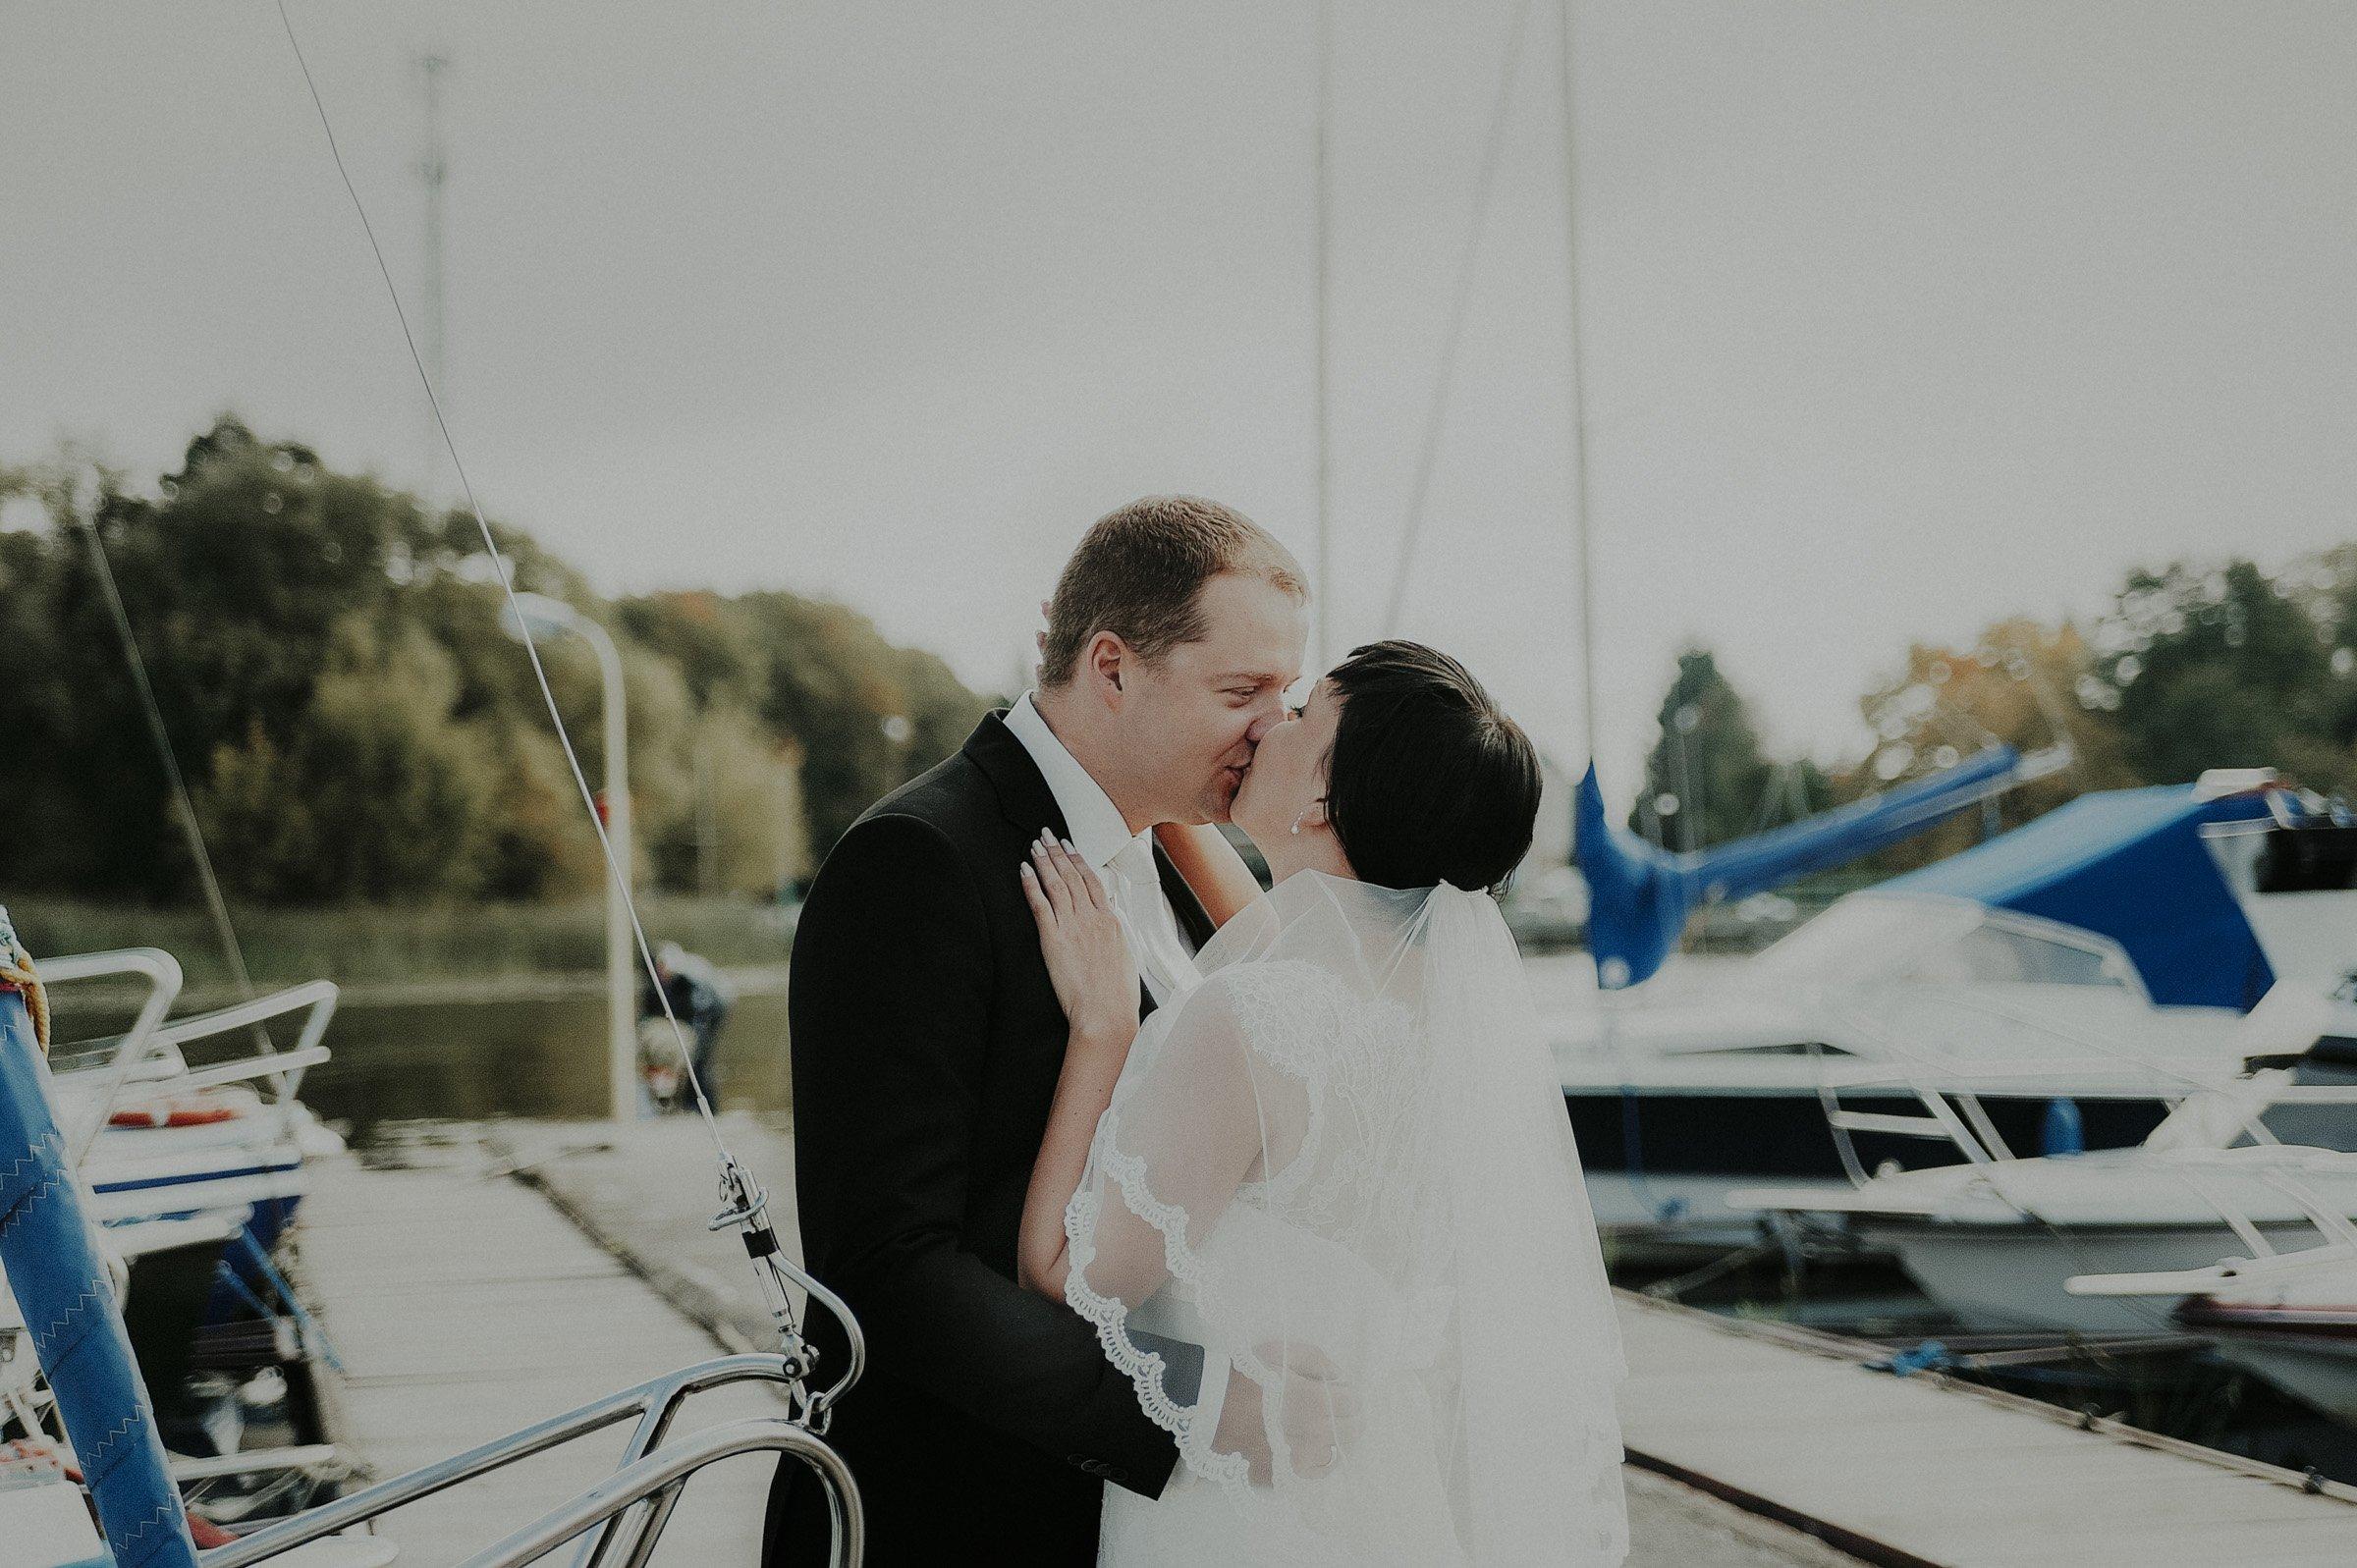 czułe kadry ślubne